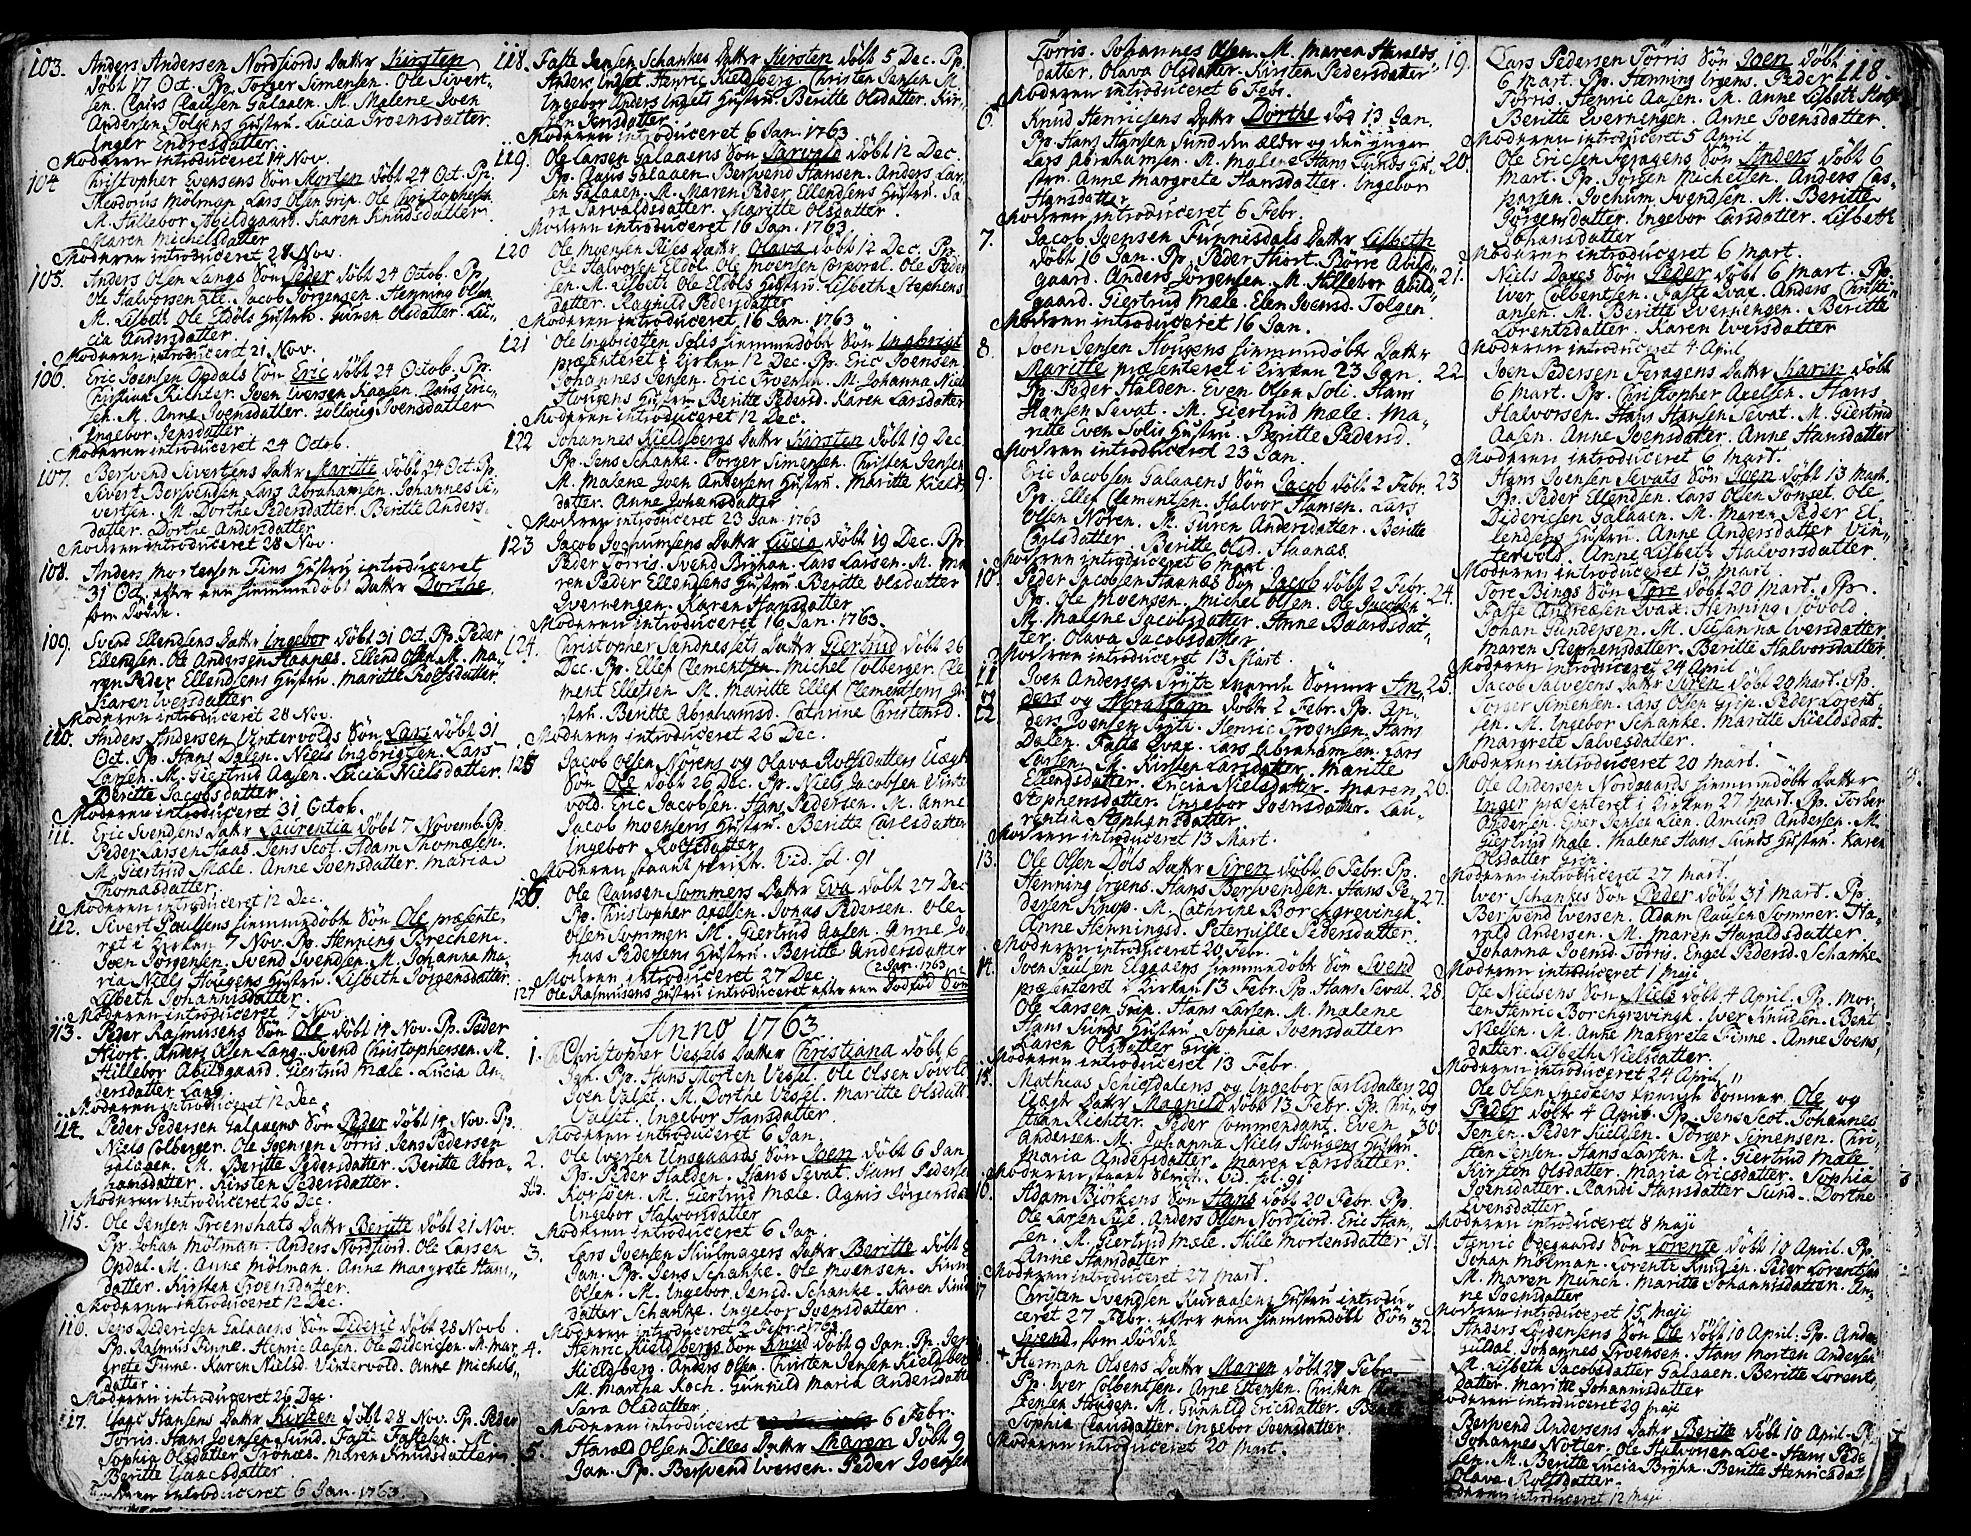 SAT, Ministerialprotokoller, klokkerbøker og fødselsregistre - Sør-Trøndelag, 681/L0925: Ministerialbok nr. 681A03, 1727-1766, s. 118